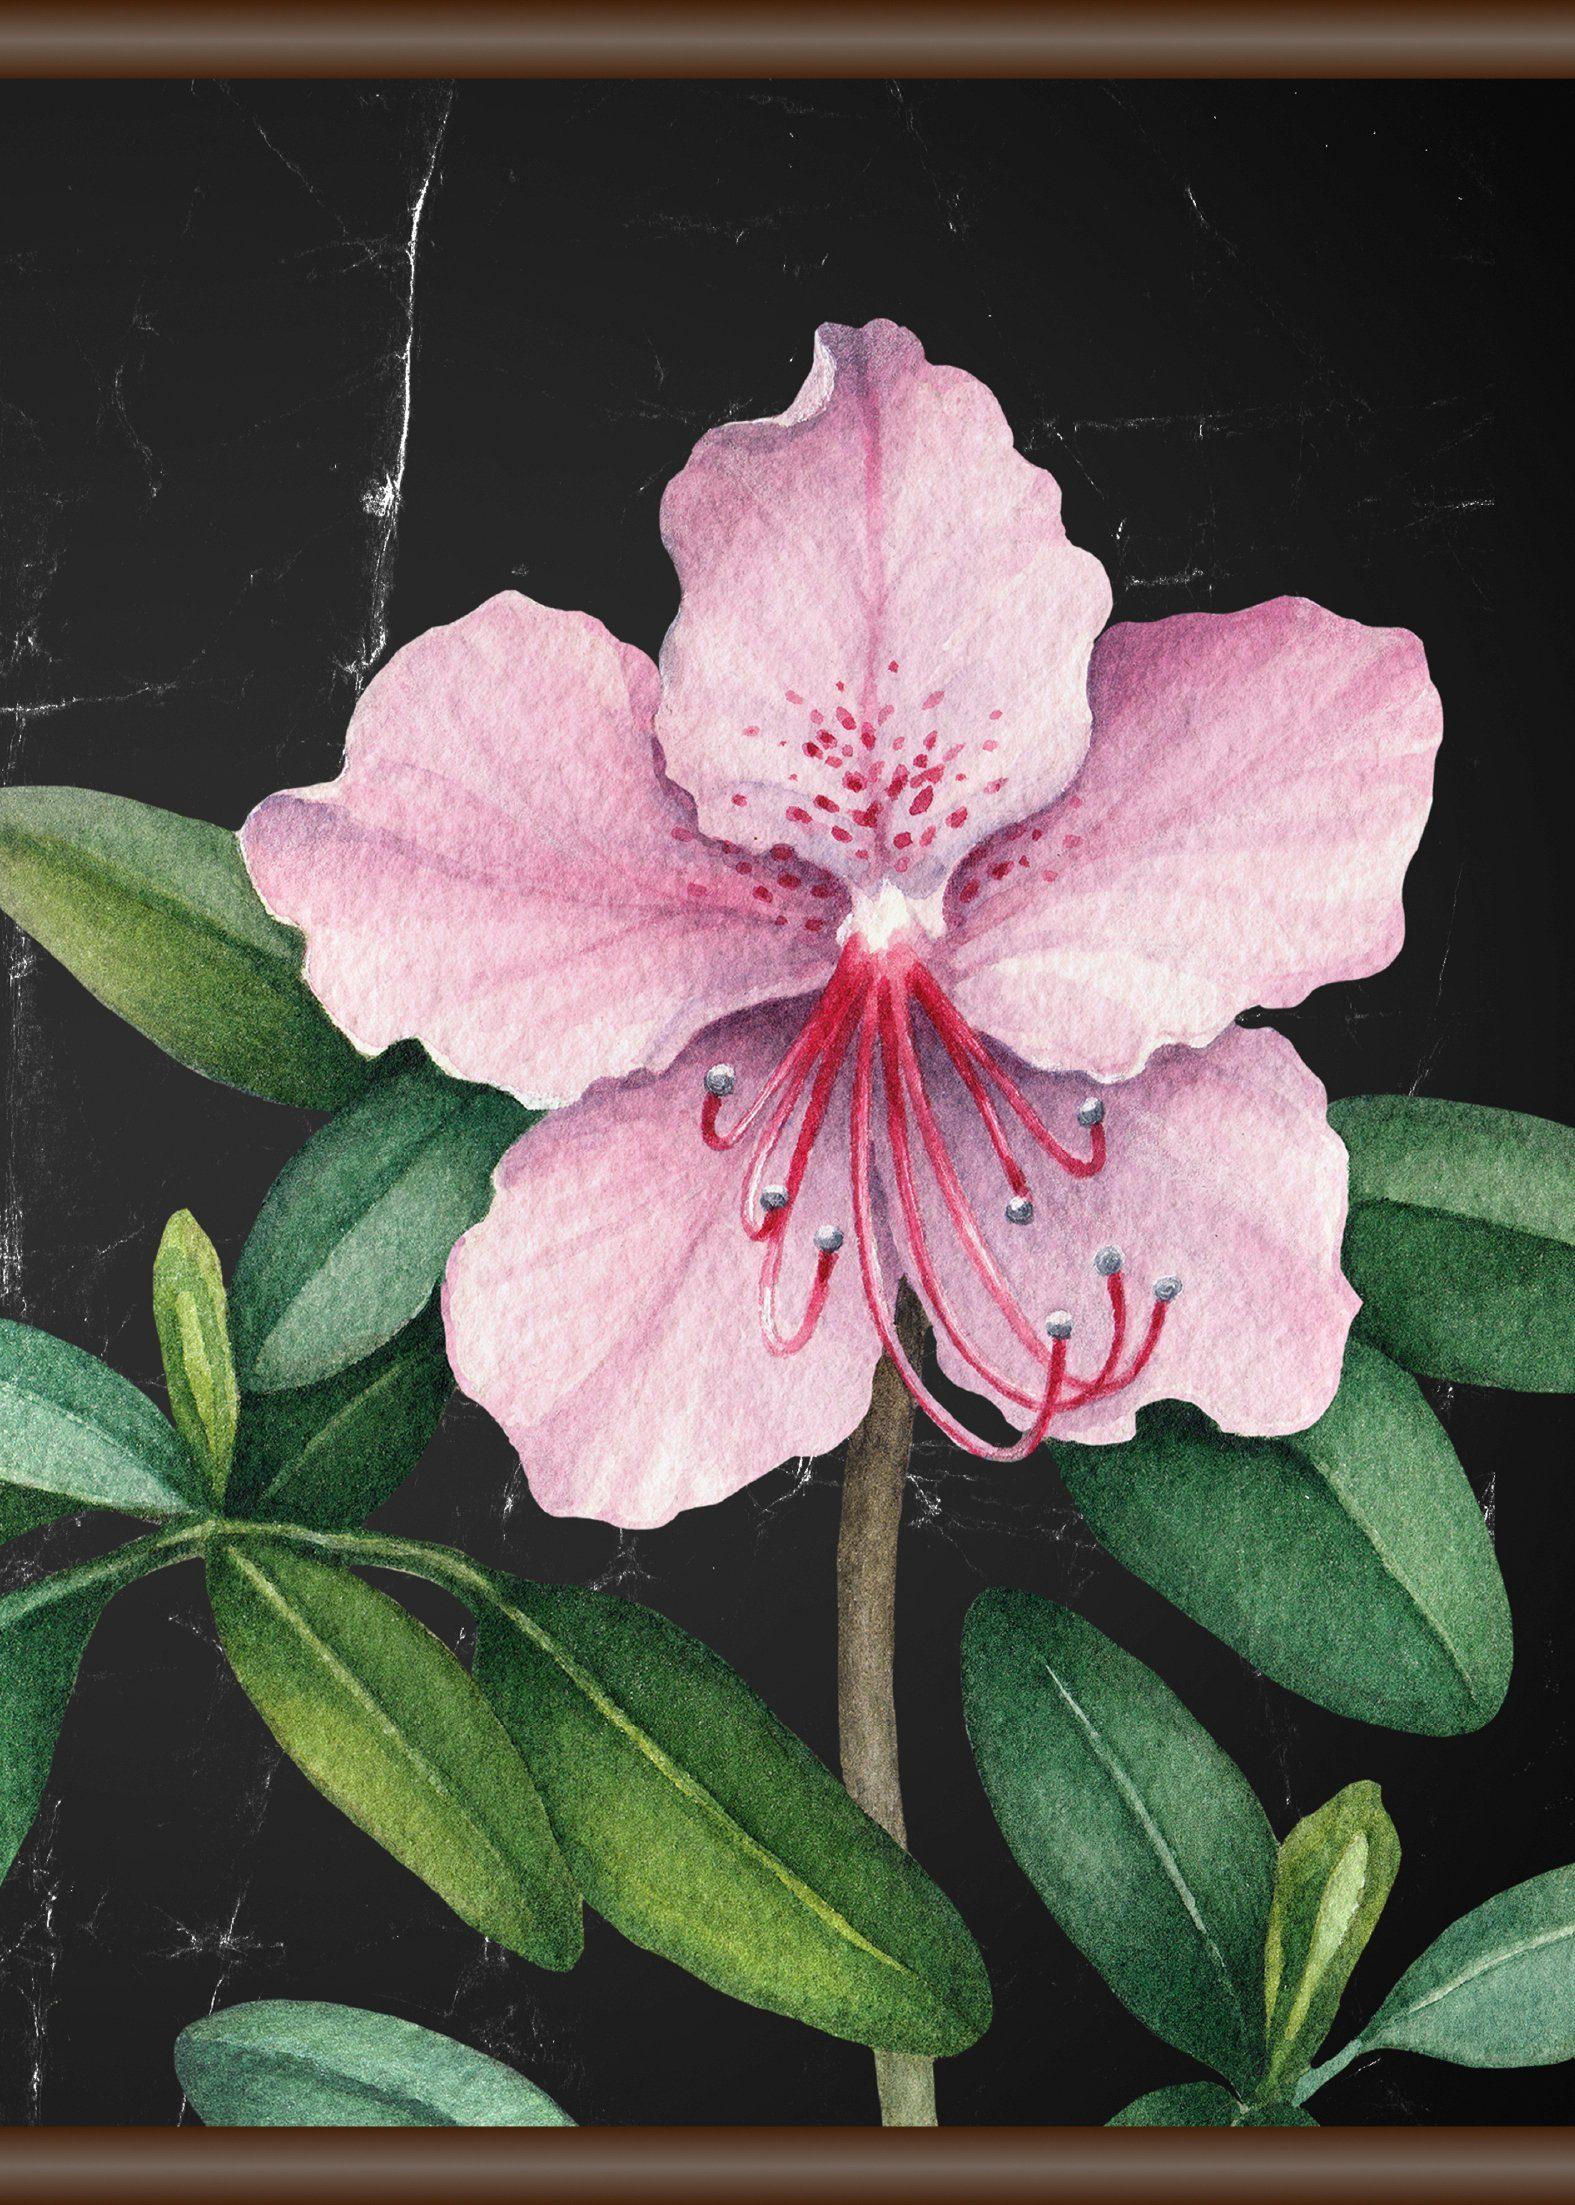 QUEENCE Leinwand »Rosa Blüte«, Leinwand Rollbild 50x70 cm